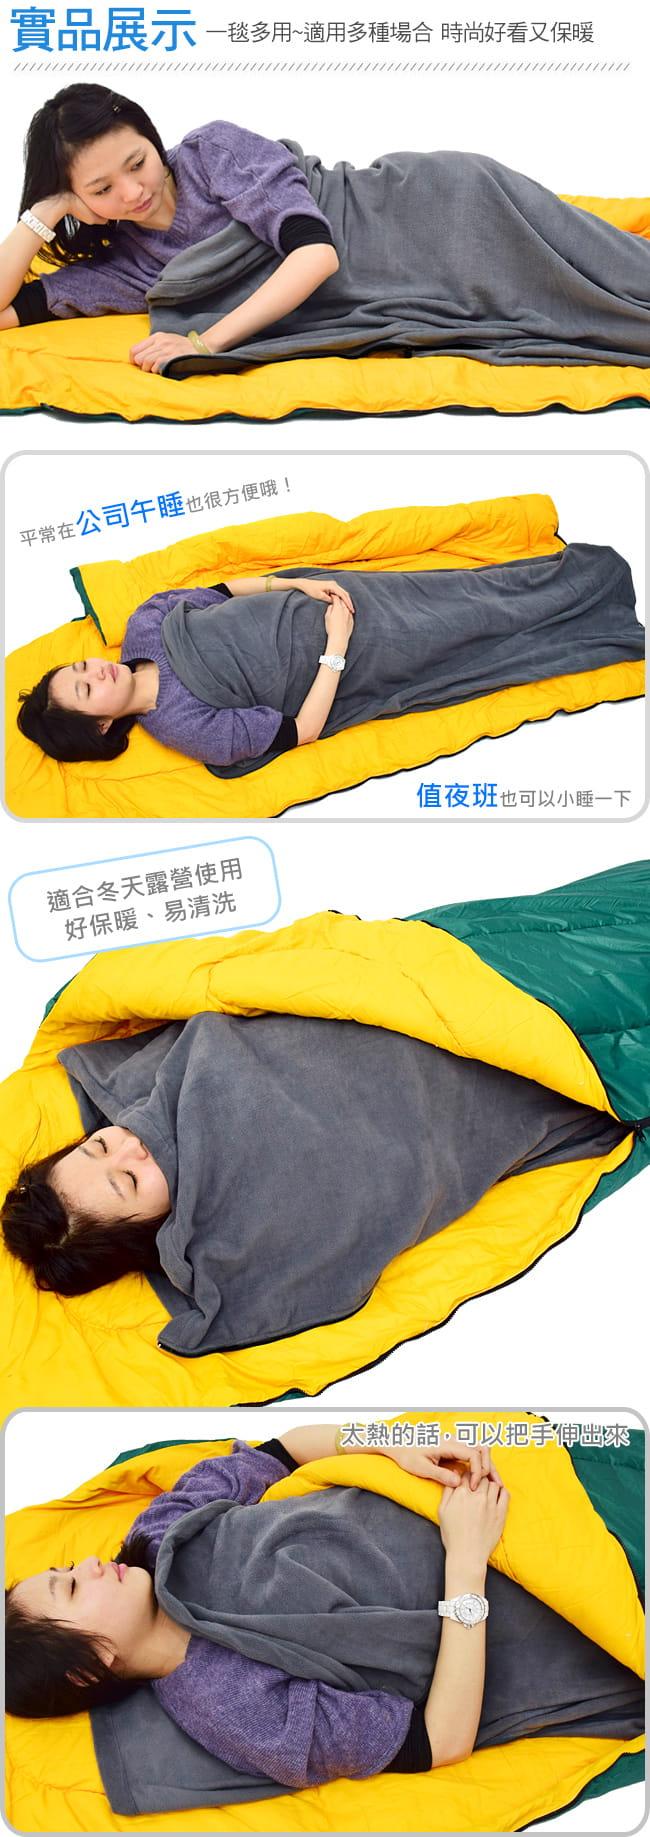 舒適搖粒絨保暖睡袋內套  (抓絨睡袋內膽/露宿袋內袋/空調被空調毯/懶人毯冷氣毯子) 7